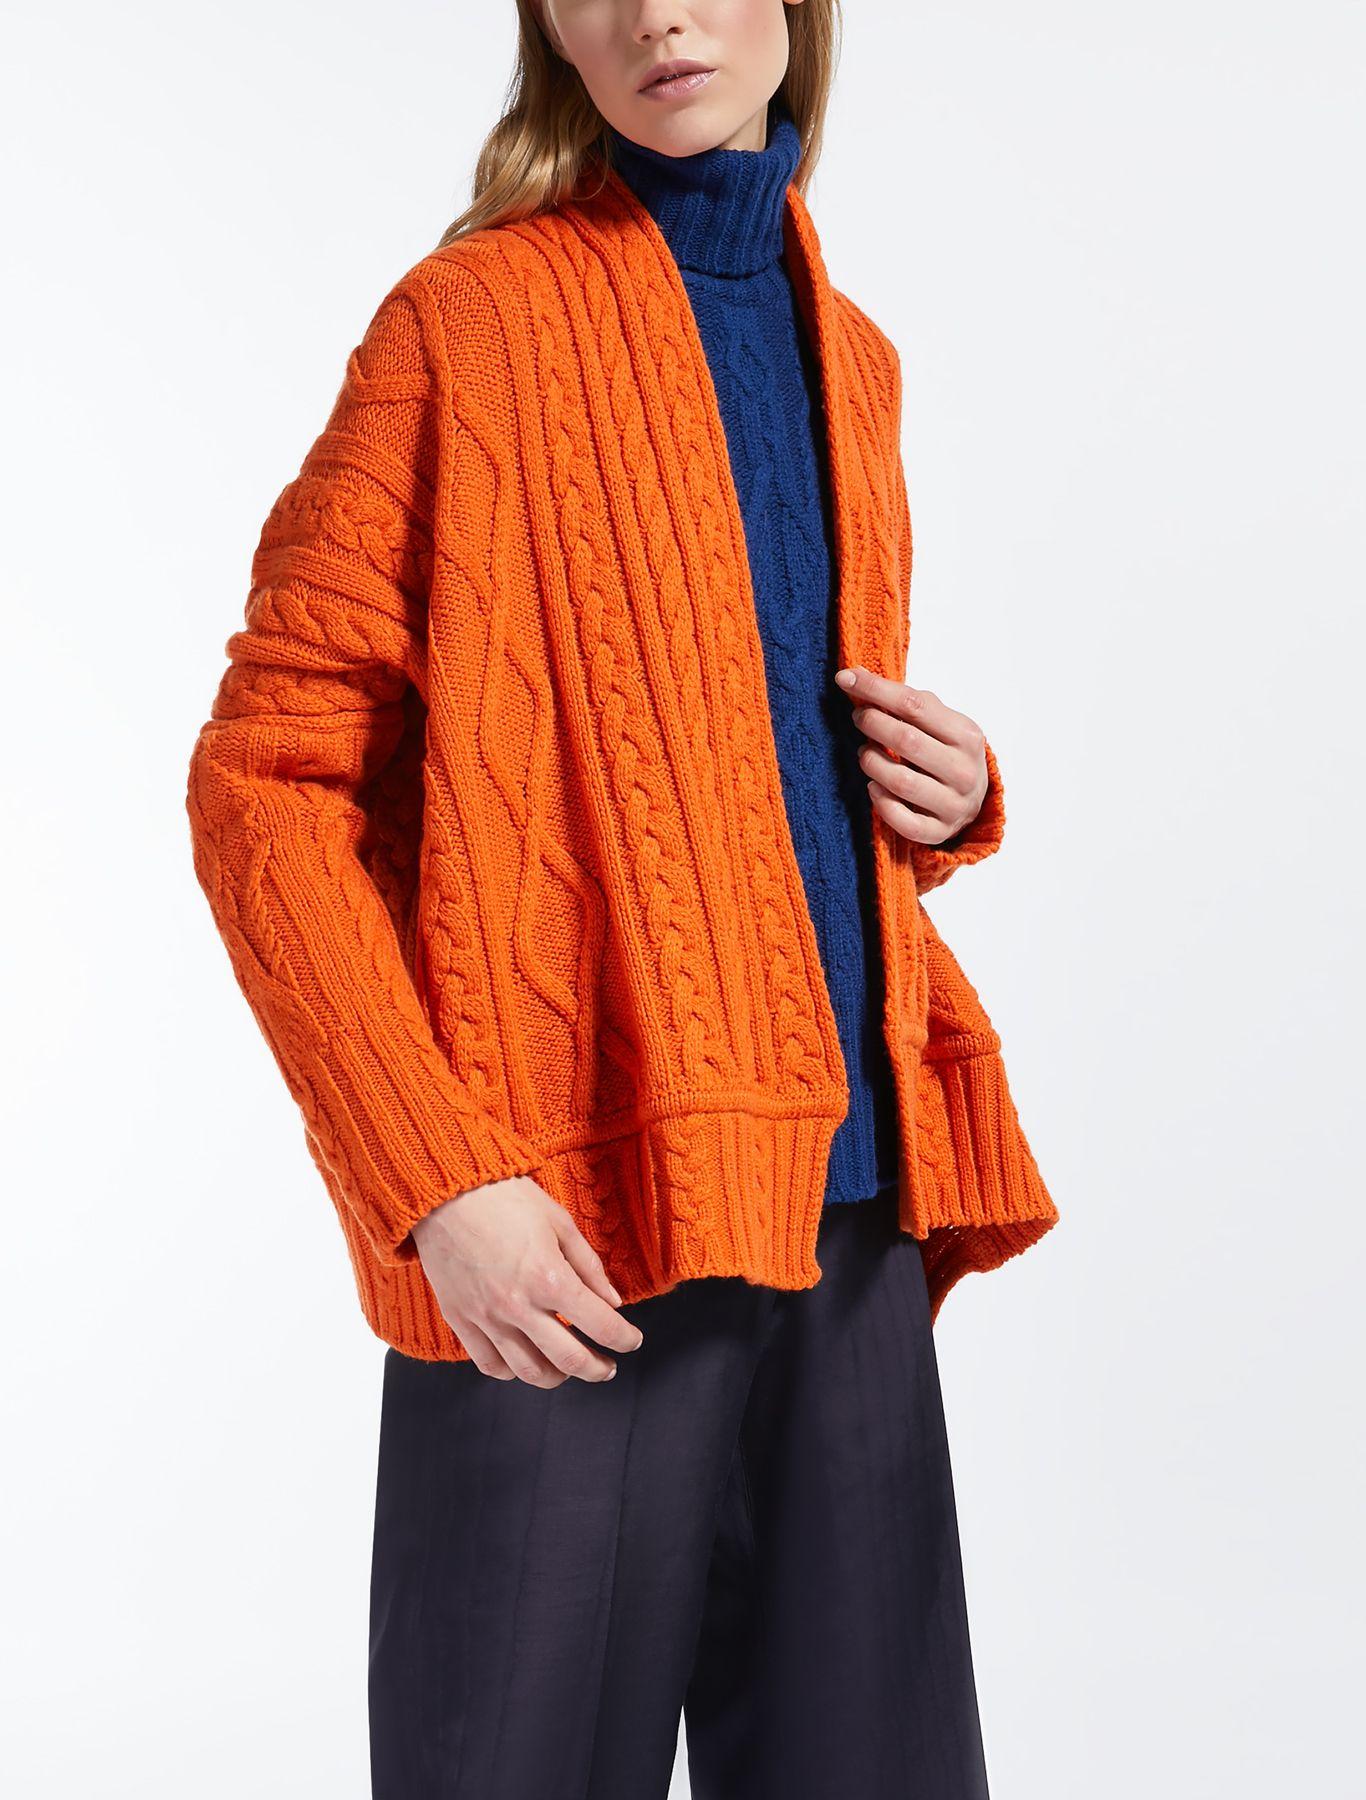 06df39008e Cardigan in filato di lana, arancio - EBANO | knit it now ...